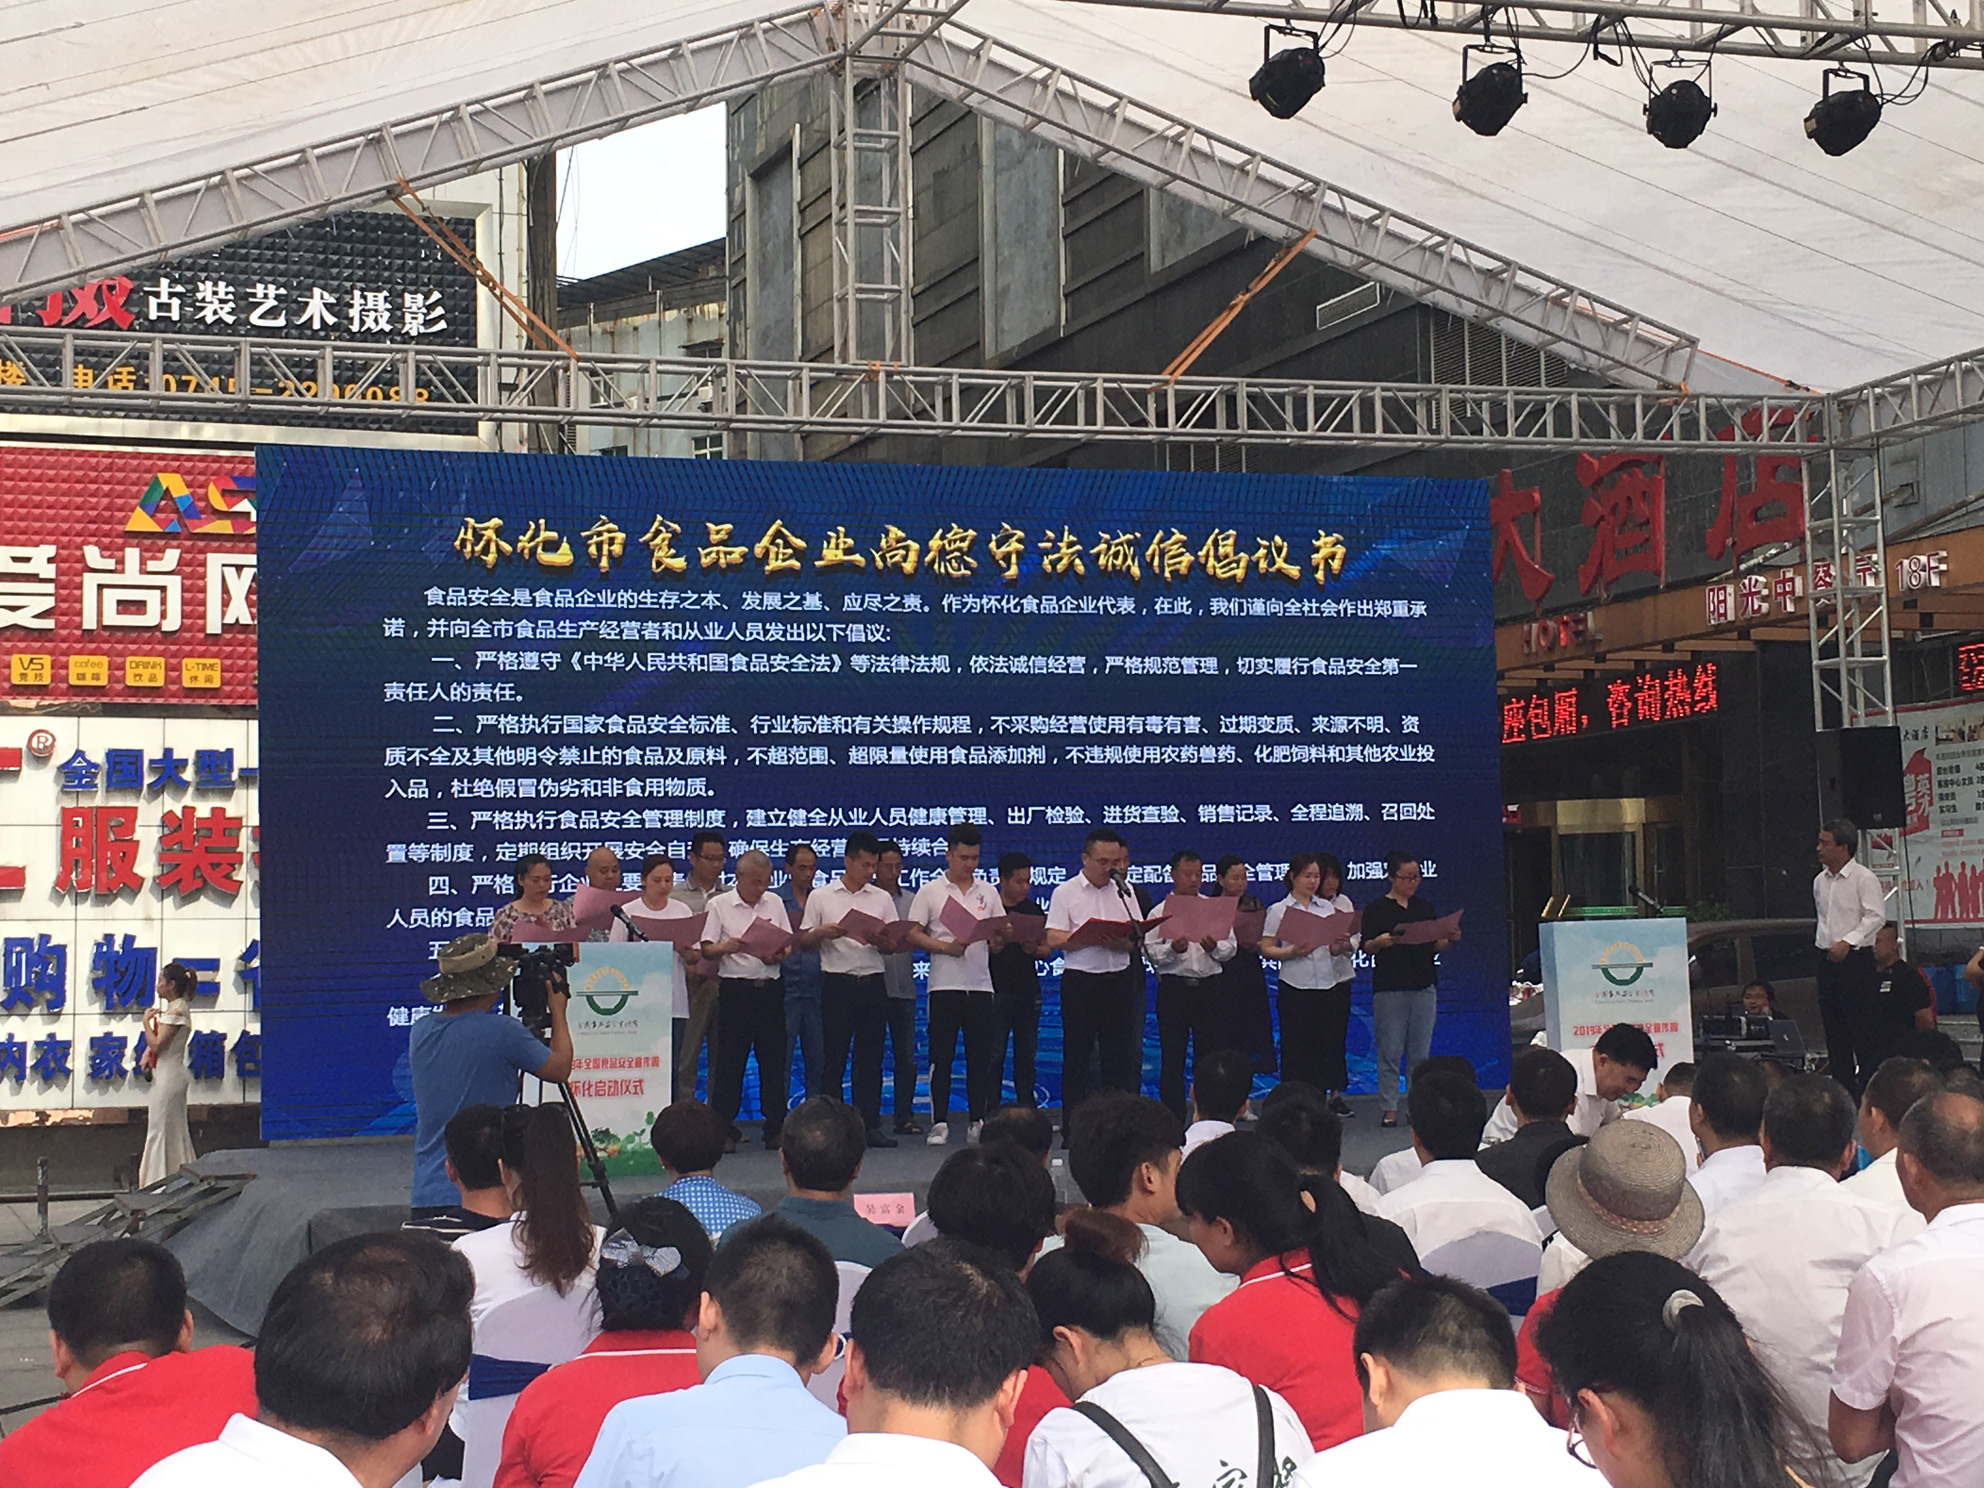 2019年7月2日公司参加食品安全周活动并宣誓